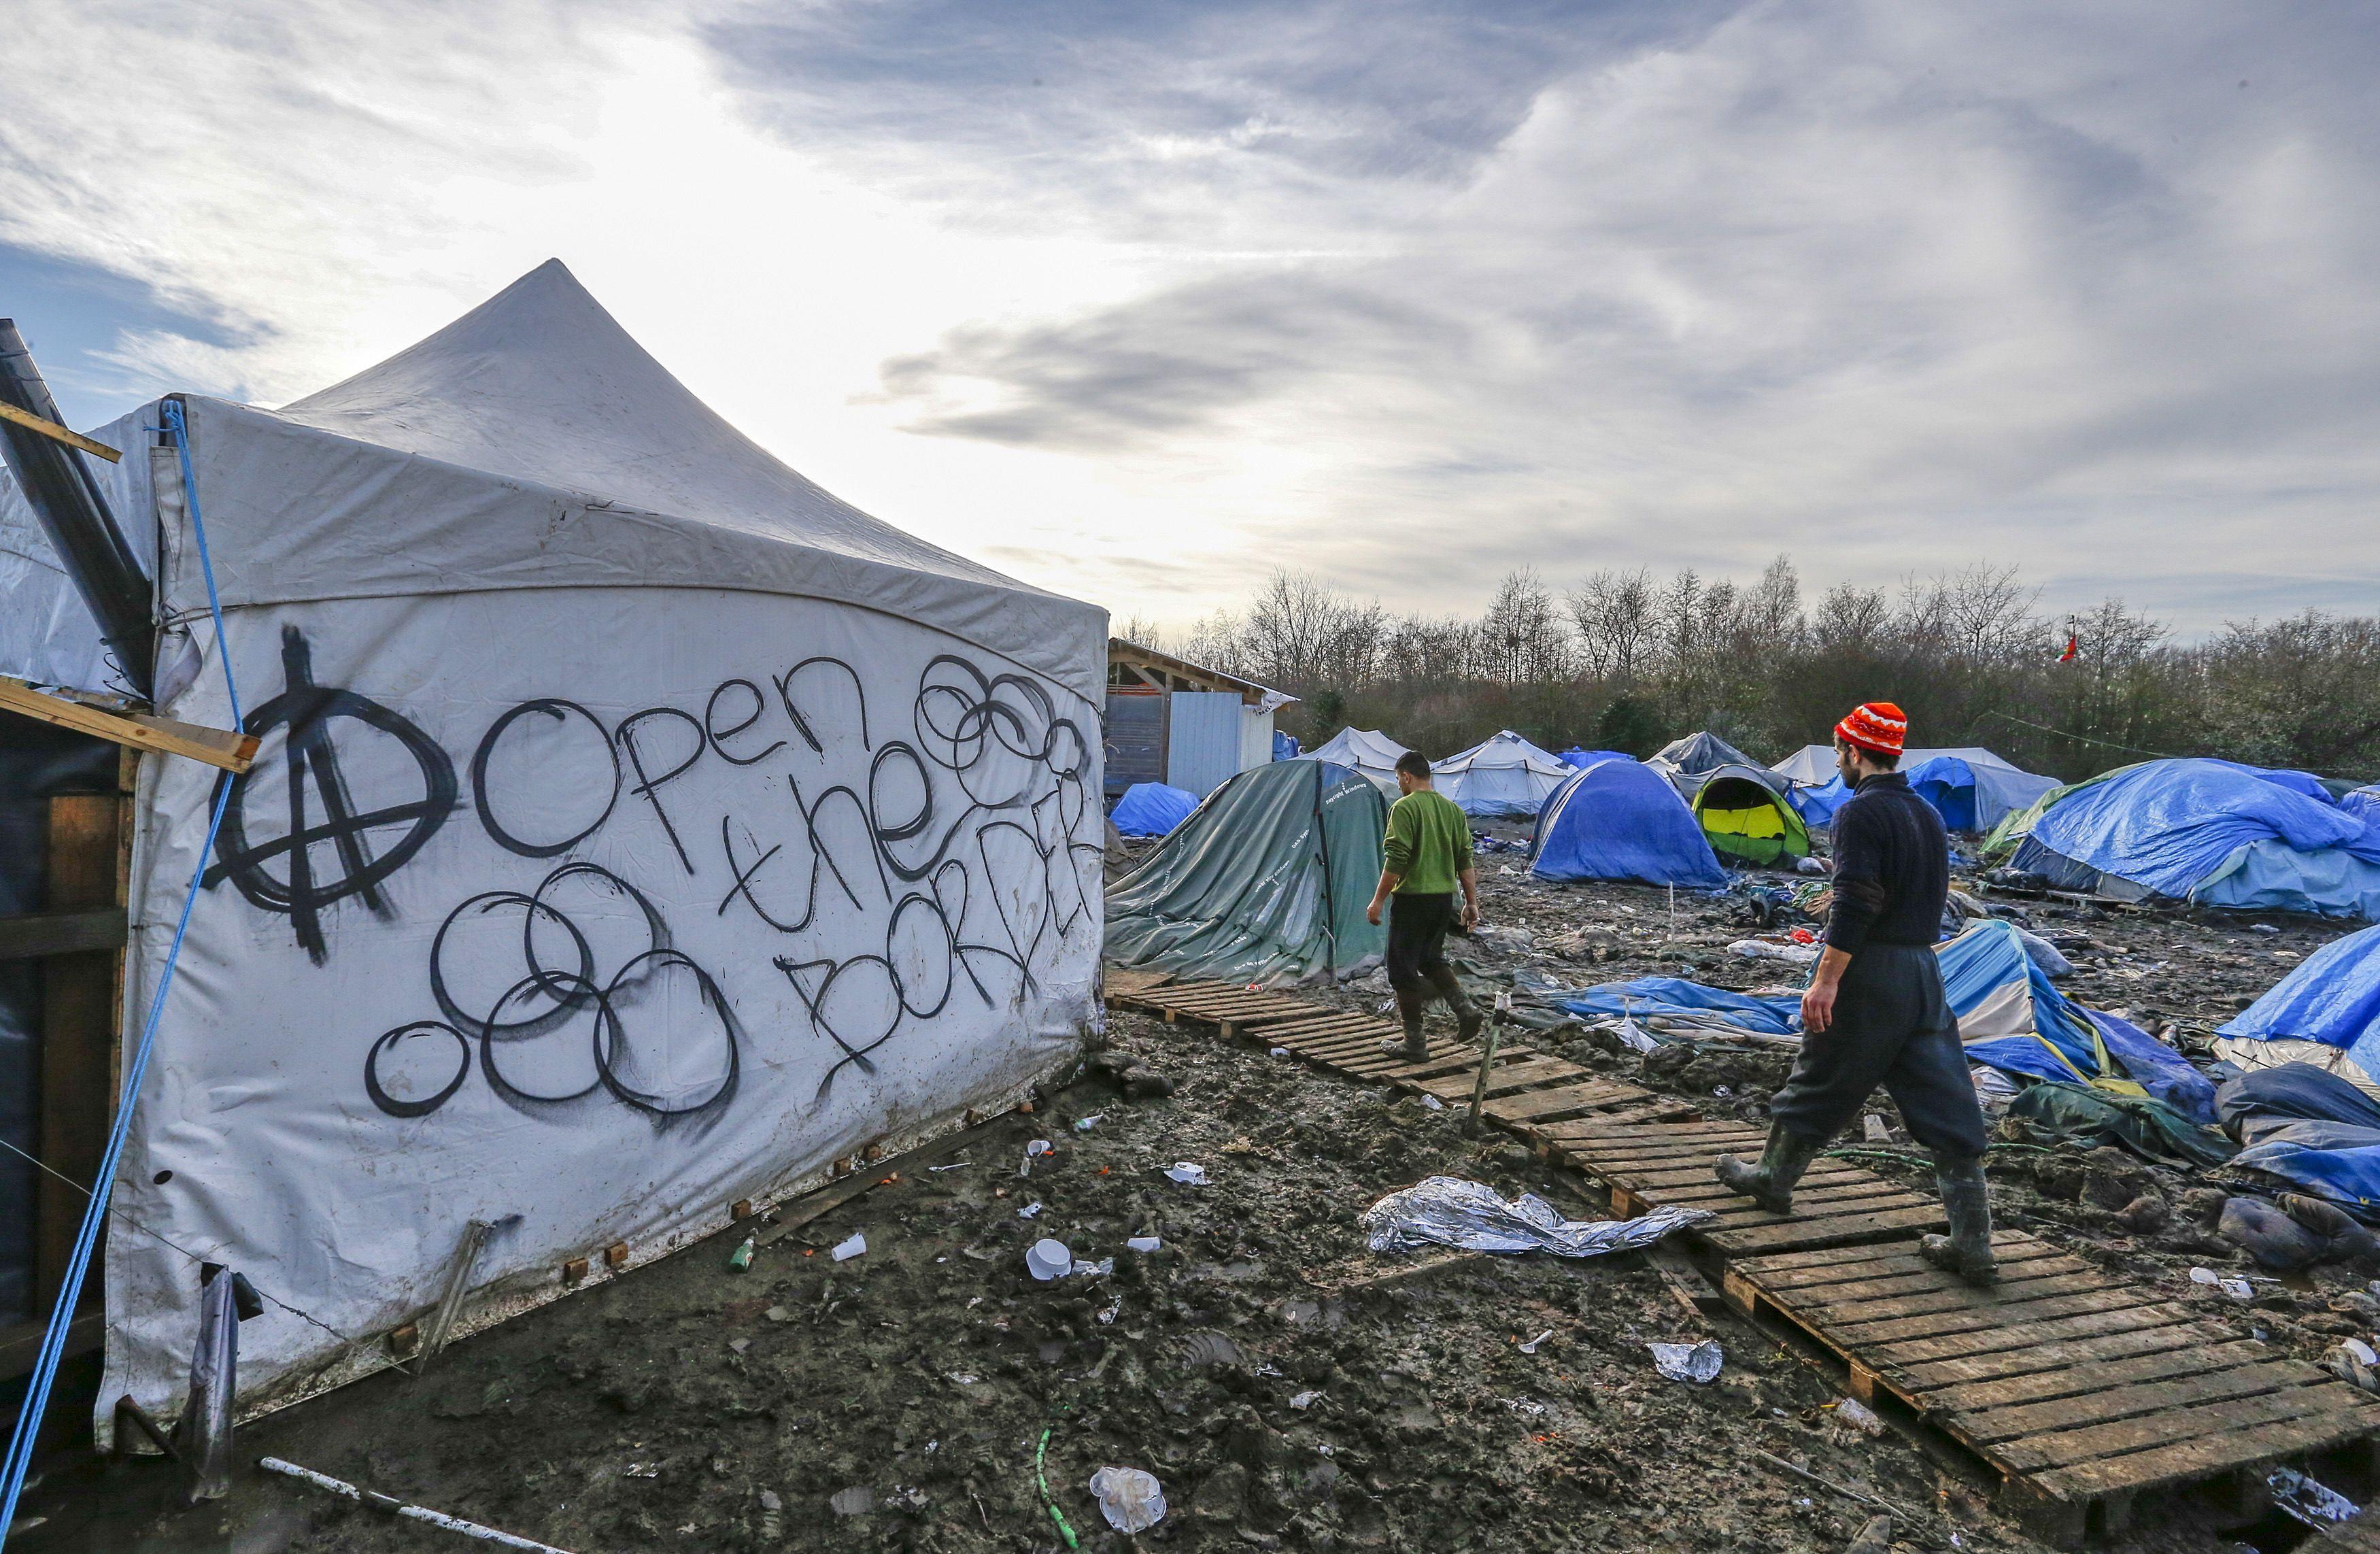 Comment le Brexit va permettre aux Anglais de ne pas accueillir les migrants de Calais